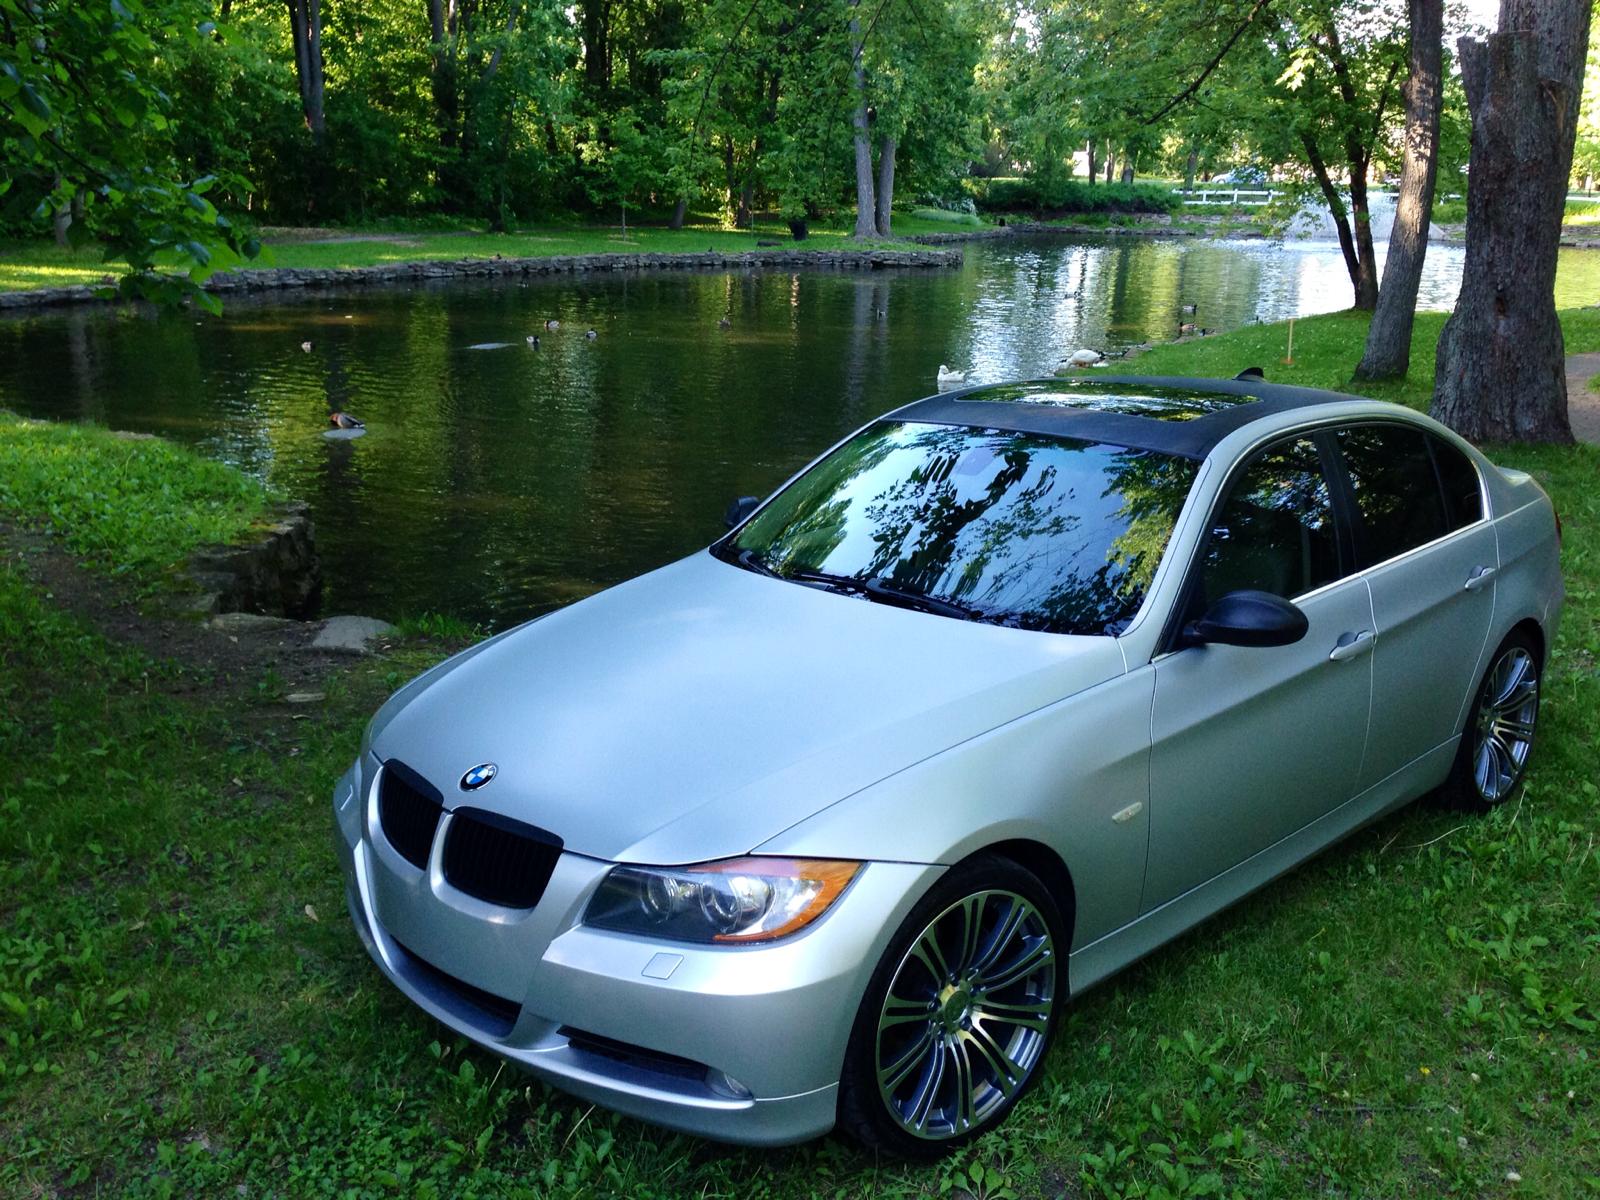 BMW 335xi Satin White Aluminium Wrap